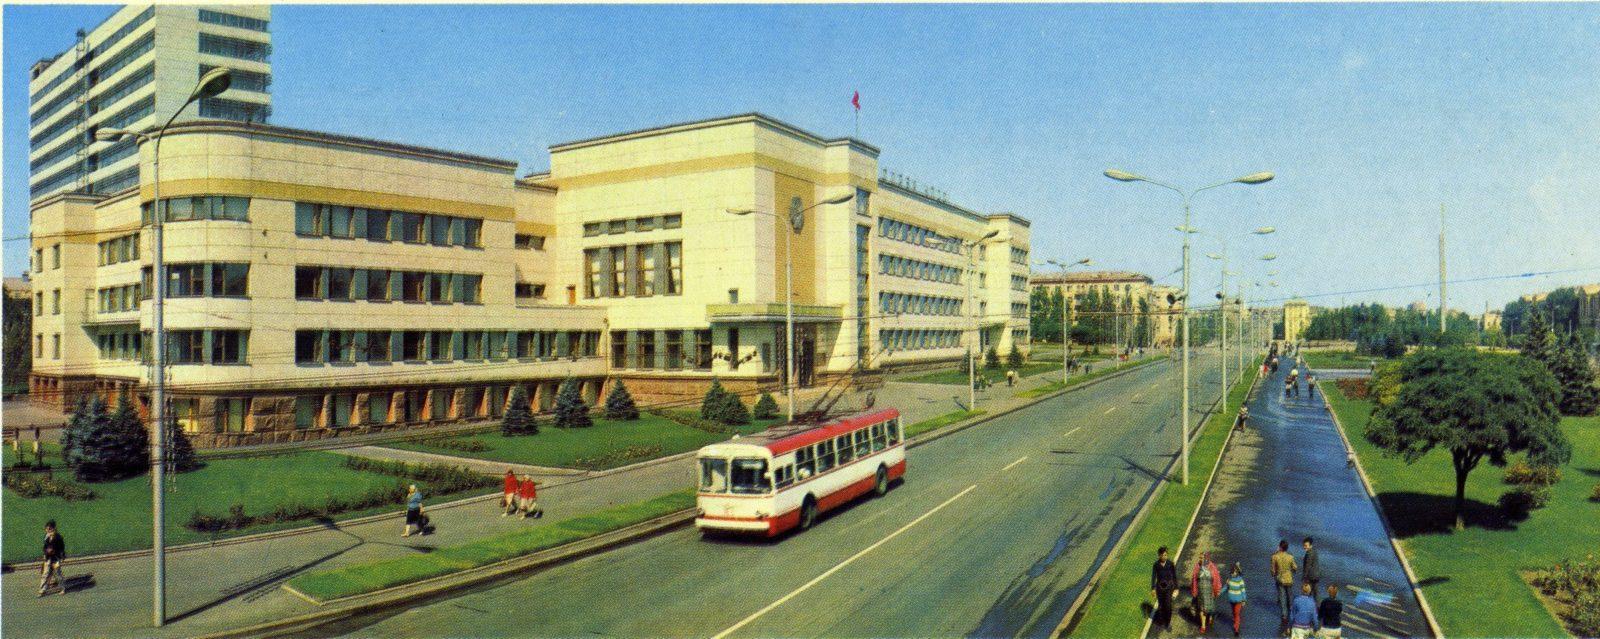 Здание обкома КП Украины и облисполкома. 1973 г.